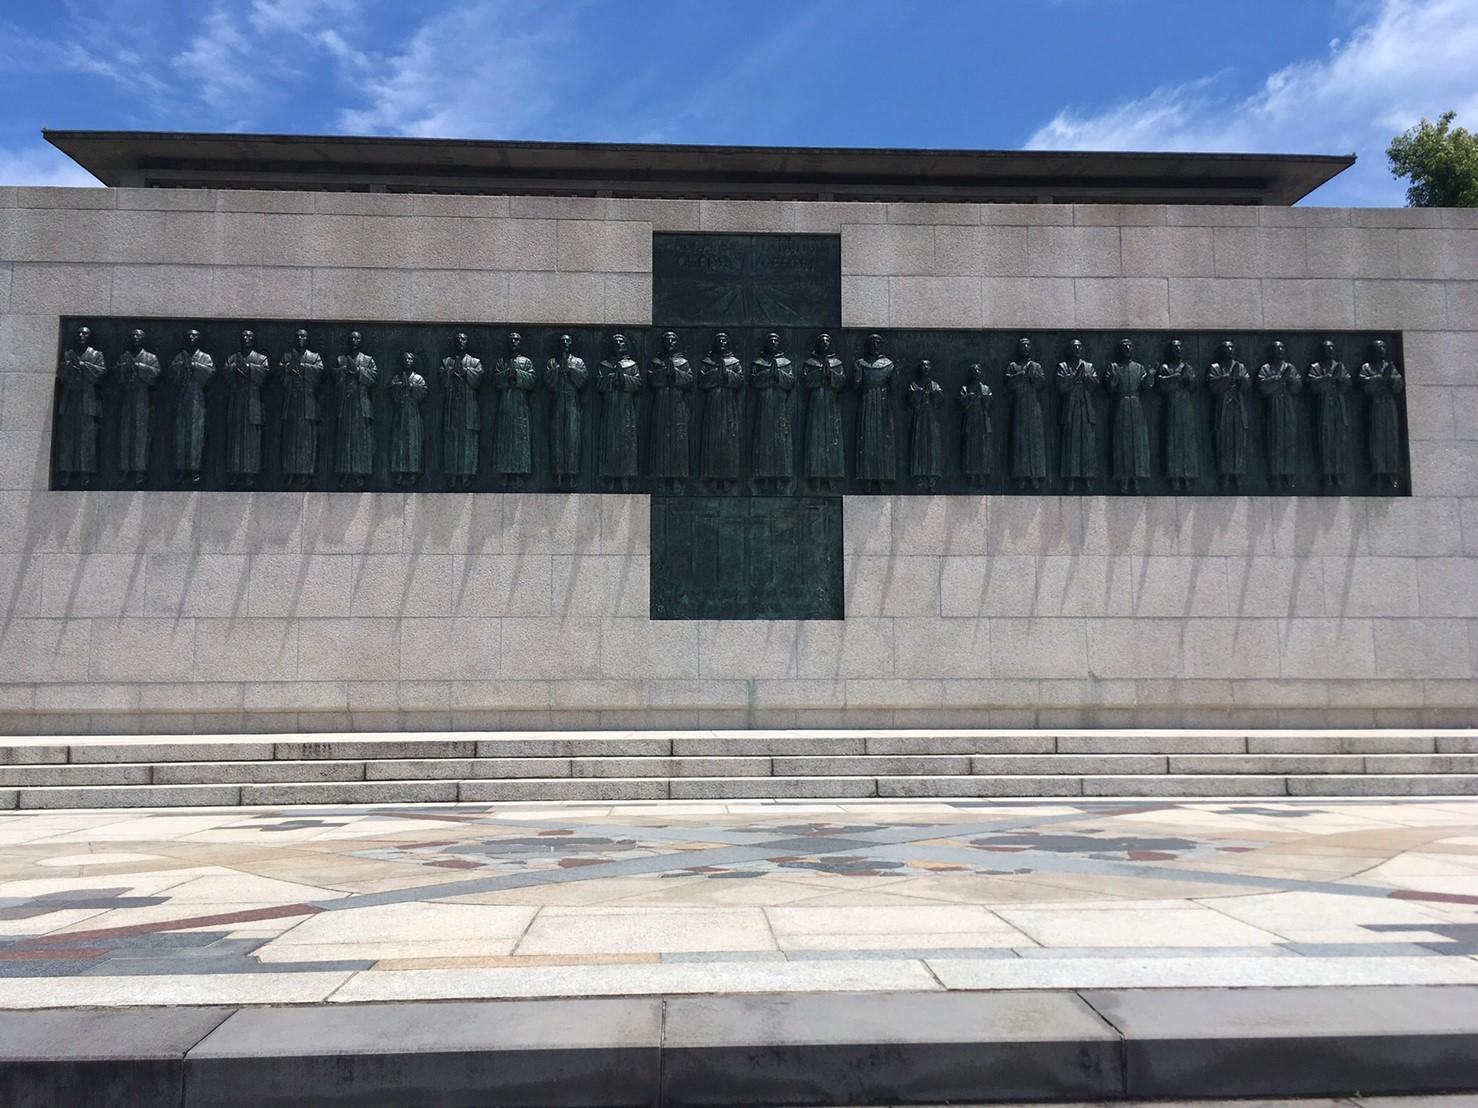 等身大のブロンズ像26人殉教者